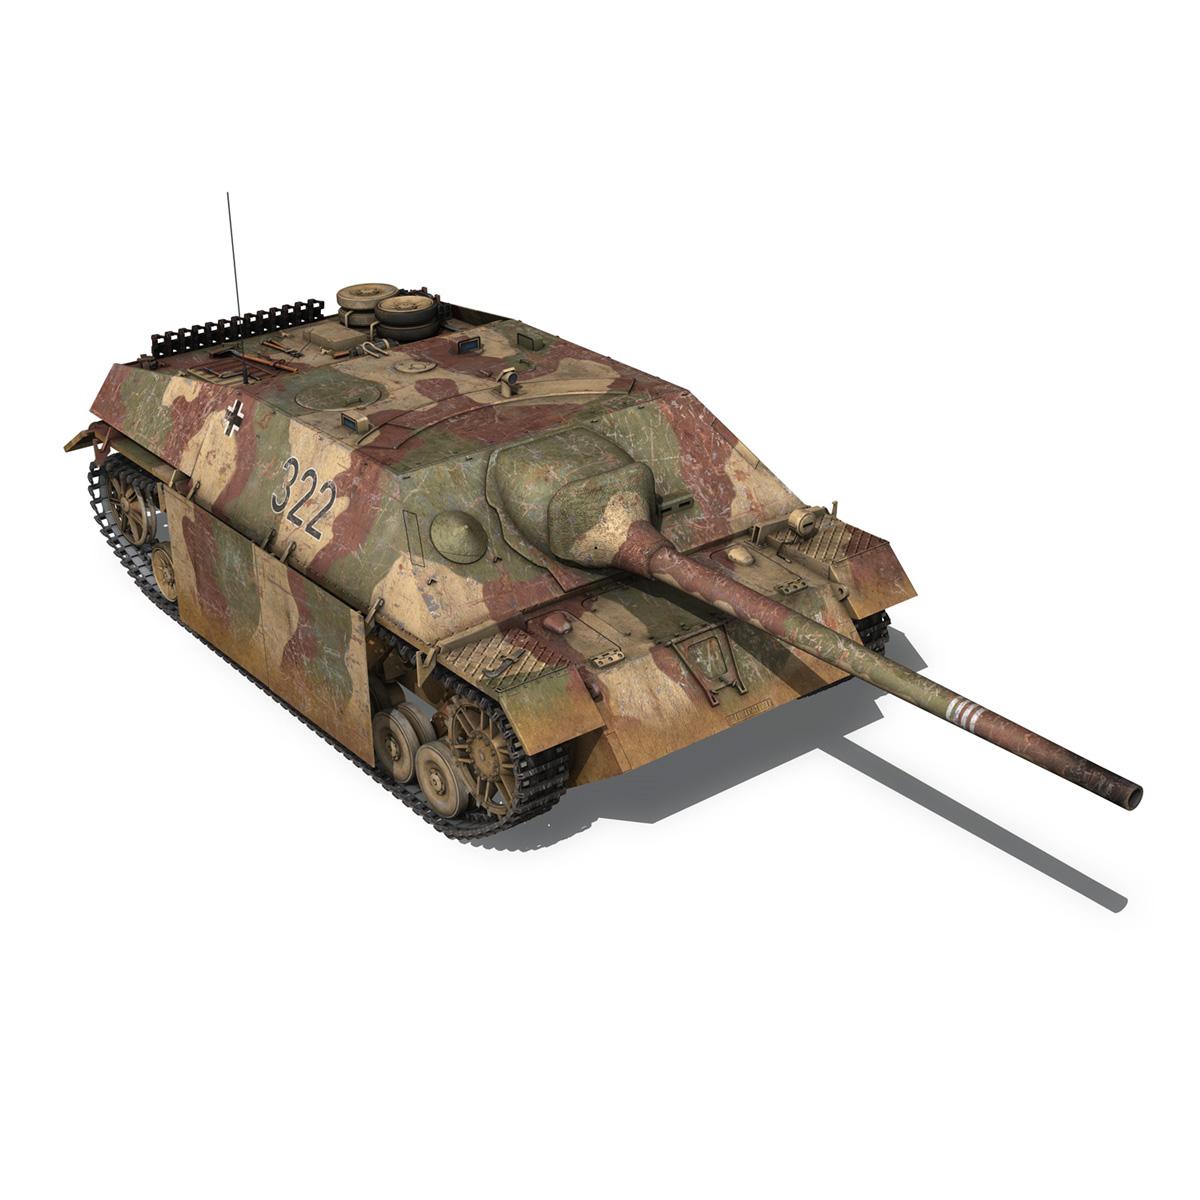 jagdpanzer iv l/70 (v) – 322 – late production 3d model 3ds fbx c4d lwo obj 280417